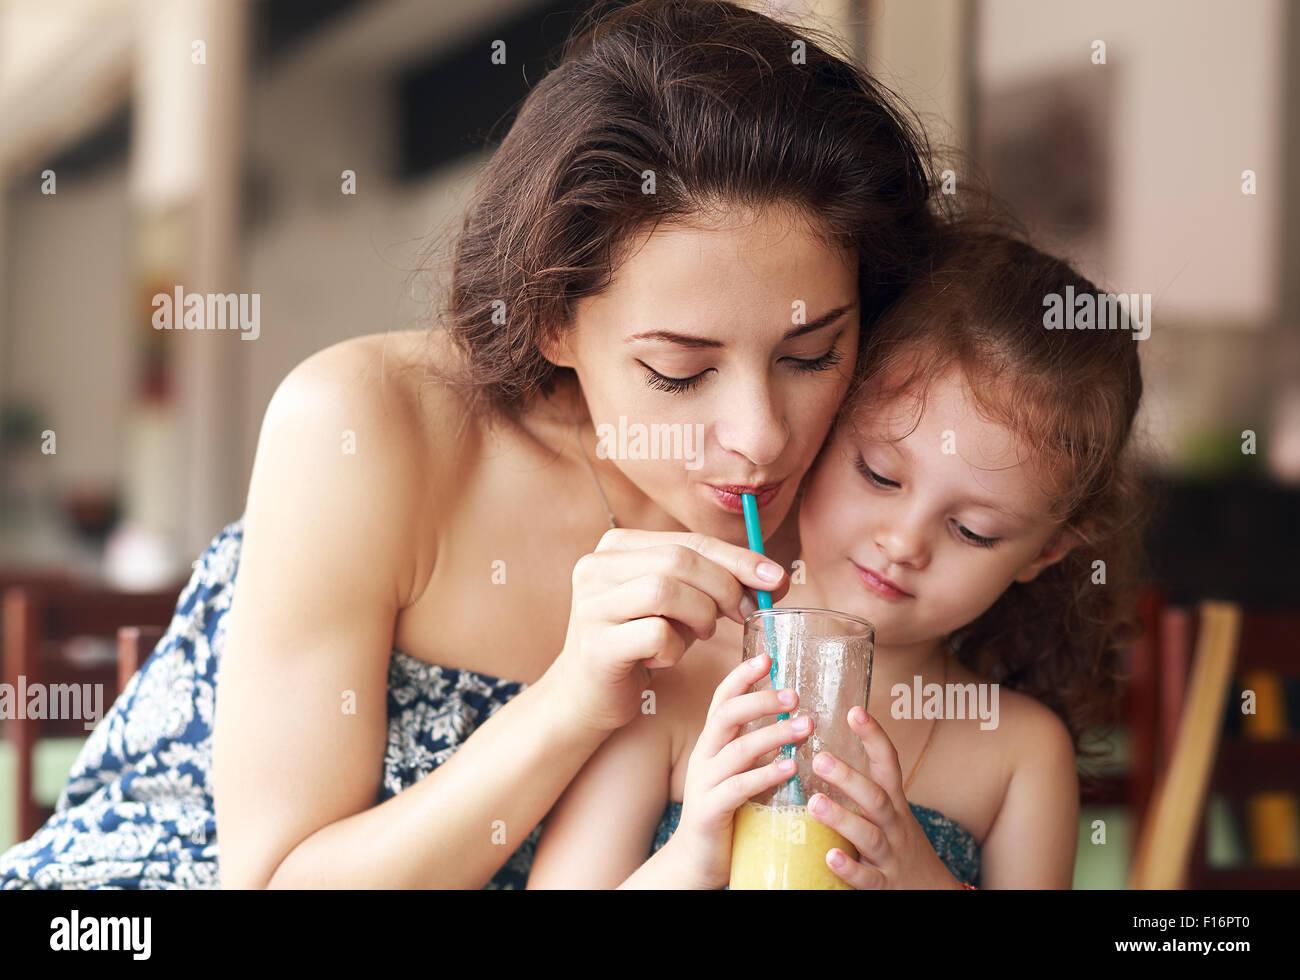 La famiglia felice di bere succo di arancia e joying insieme nelle aree urbane cafe. Closeup emozione naturale ritratto Immagini Stock